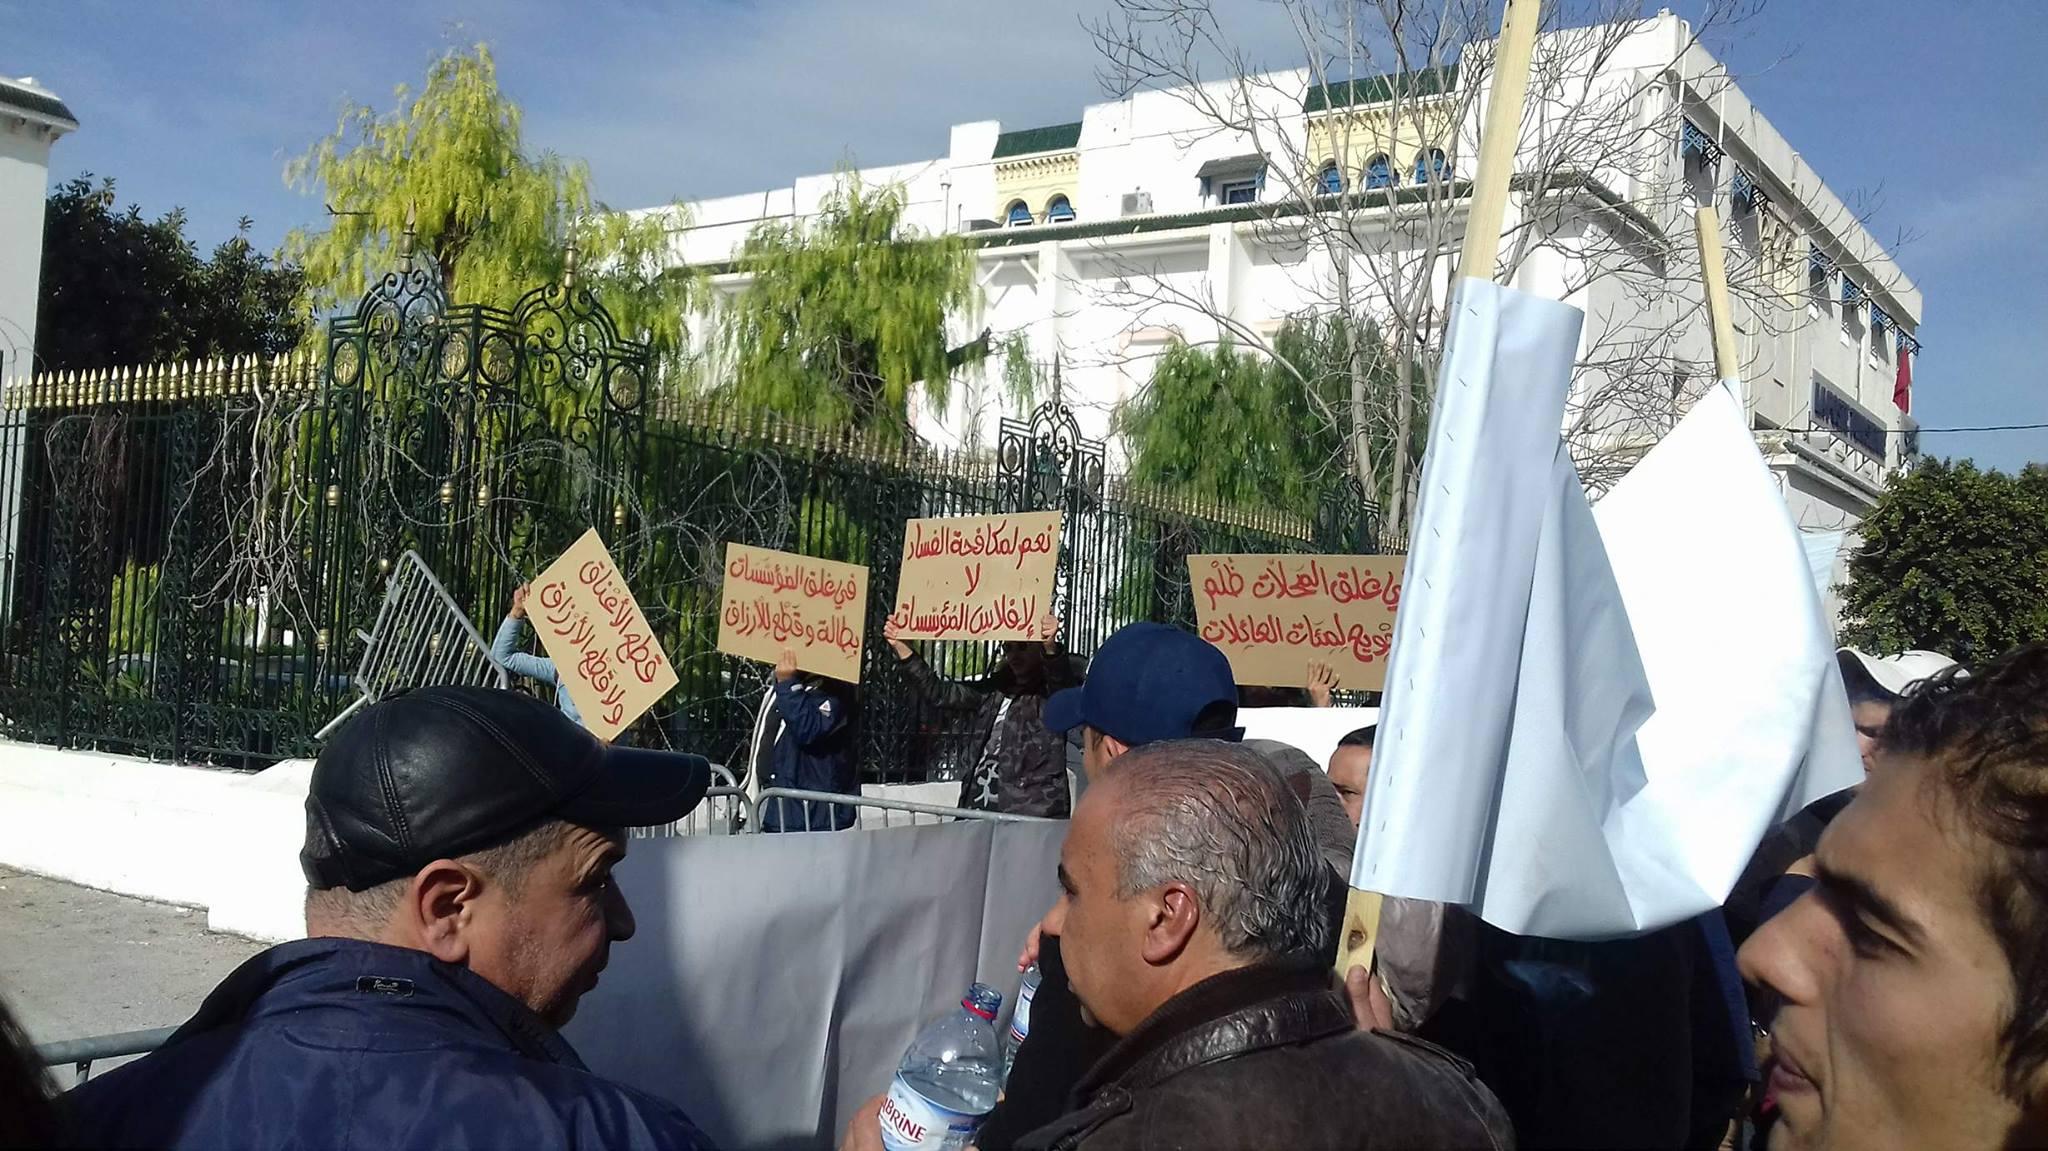 امام مجلس النواب : وقفة احتجاجية لأصحاب محلات الملابس الجاهزة بصفاقس